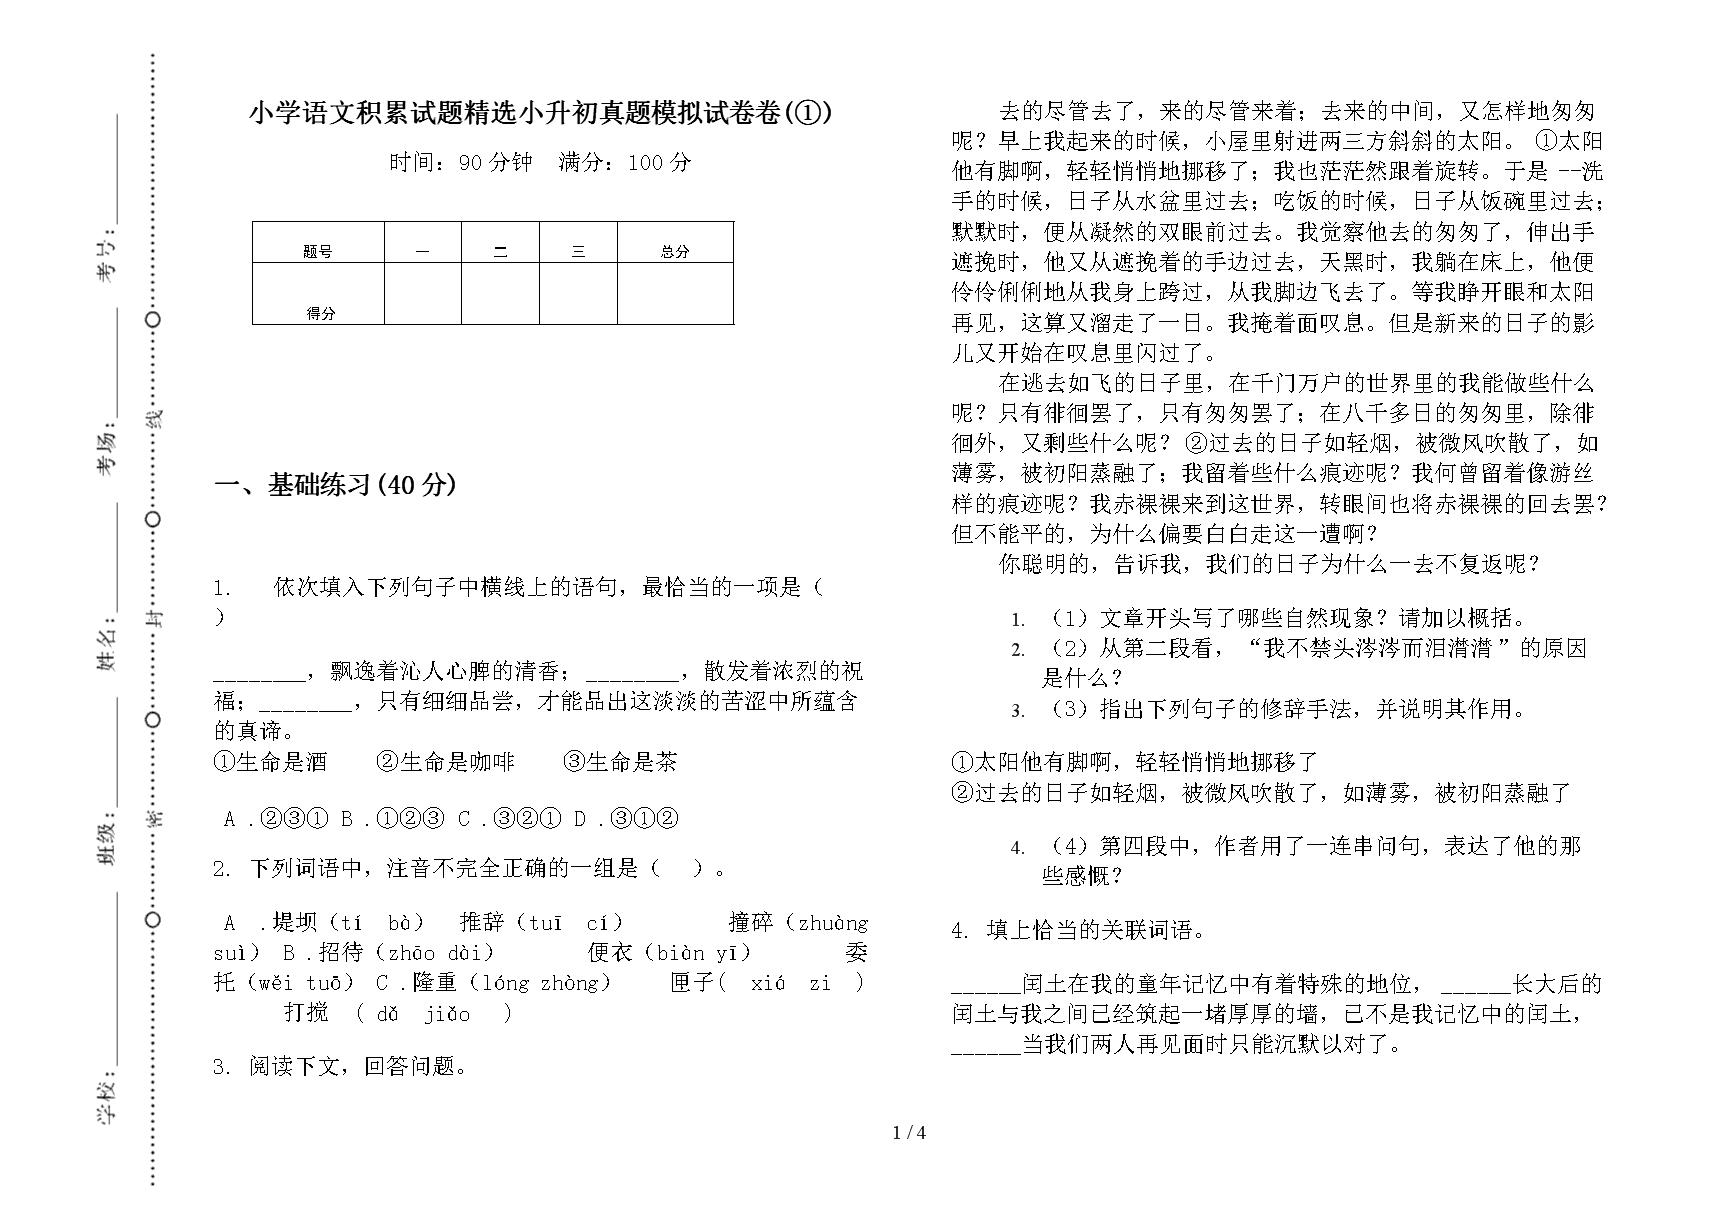 小学语文积累试题精选小升初真题模拟试卷卷(①).docx